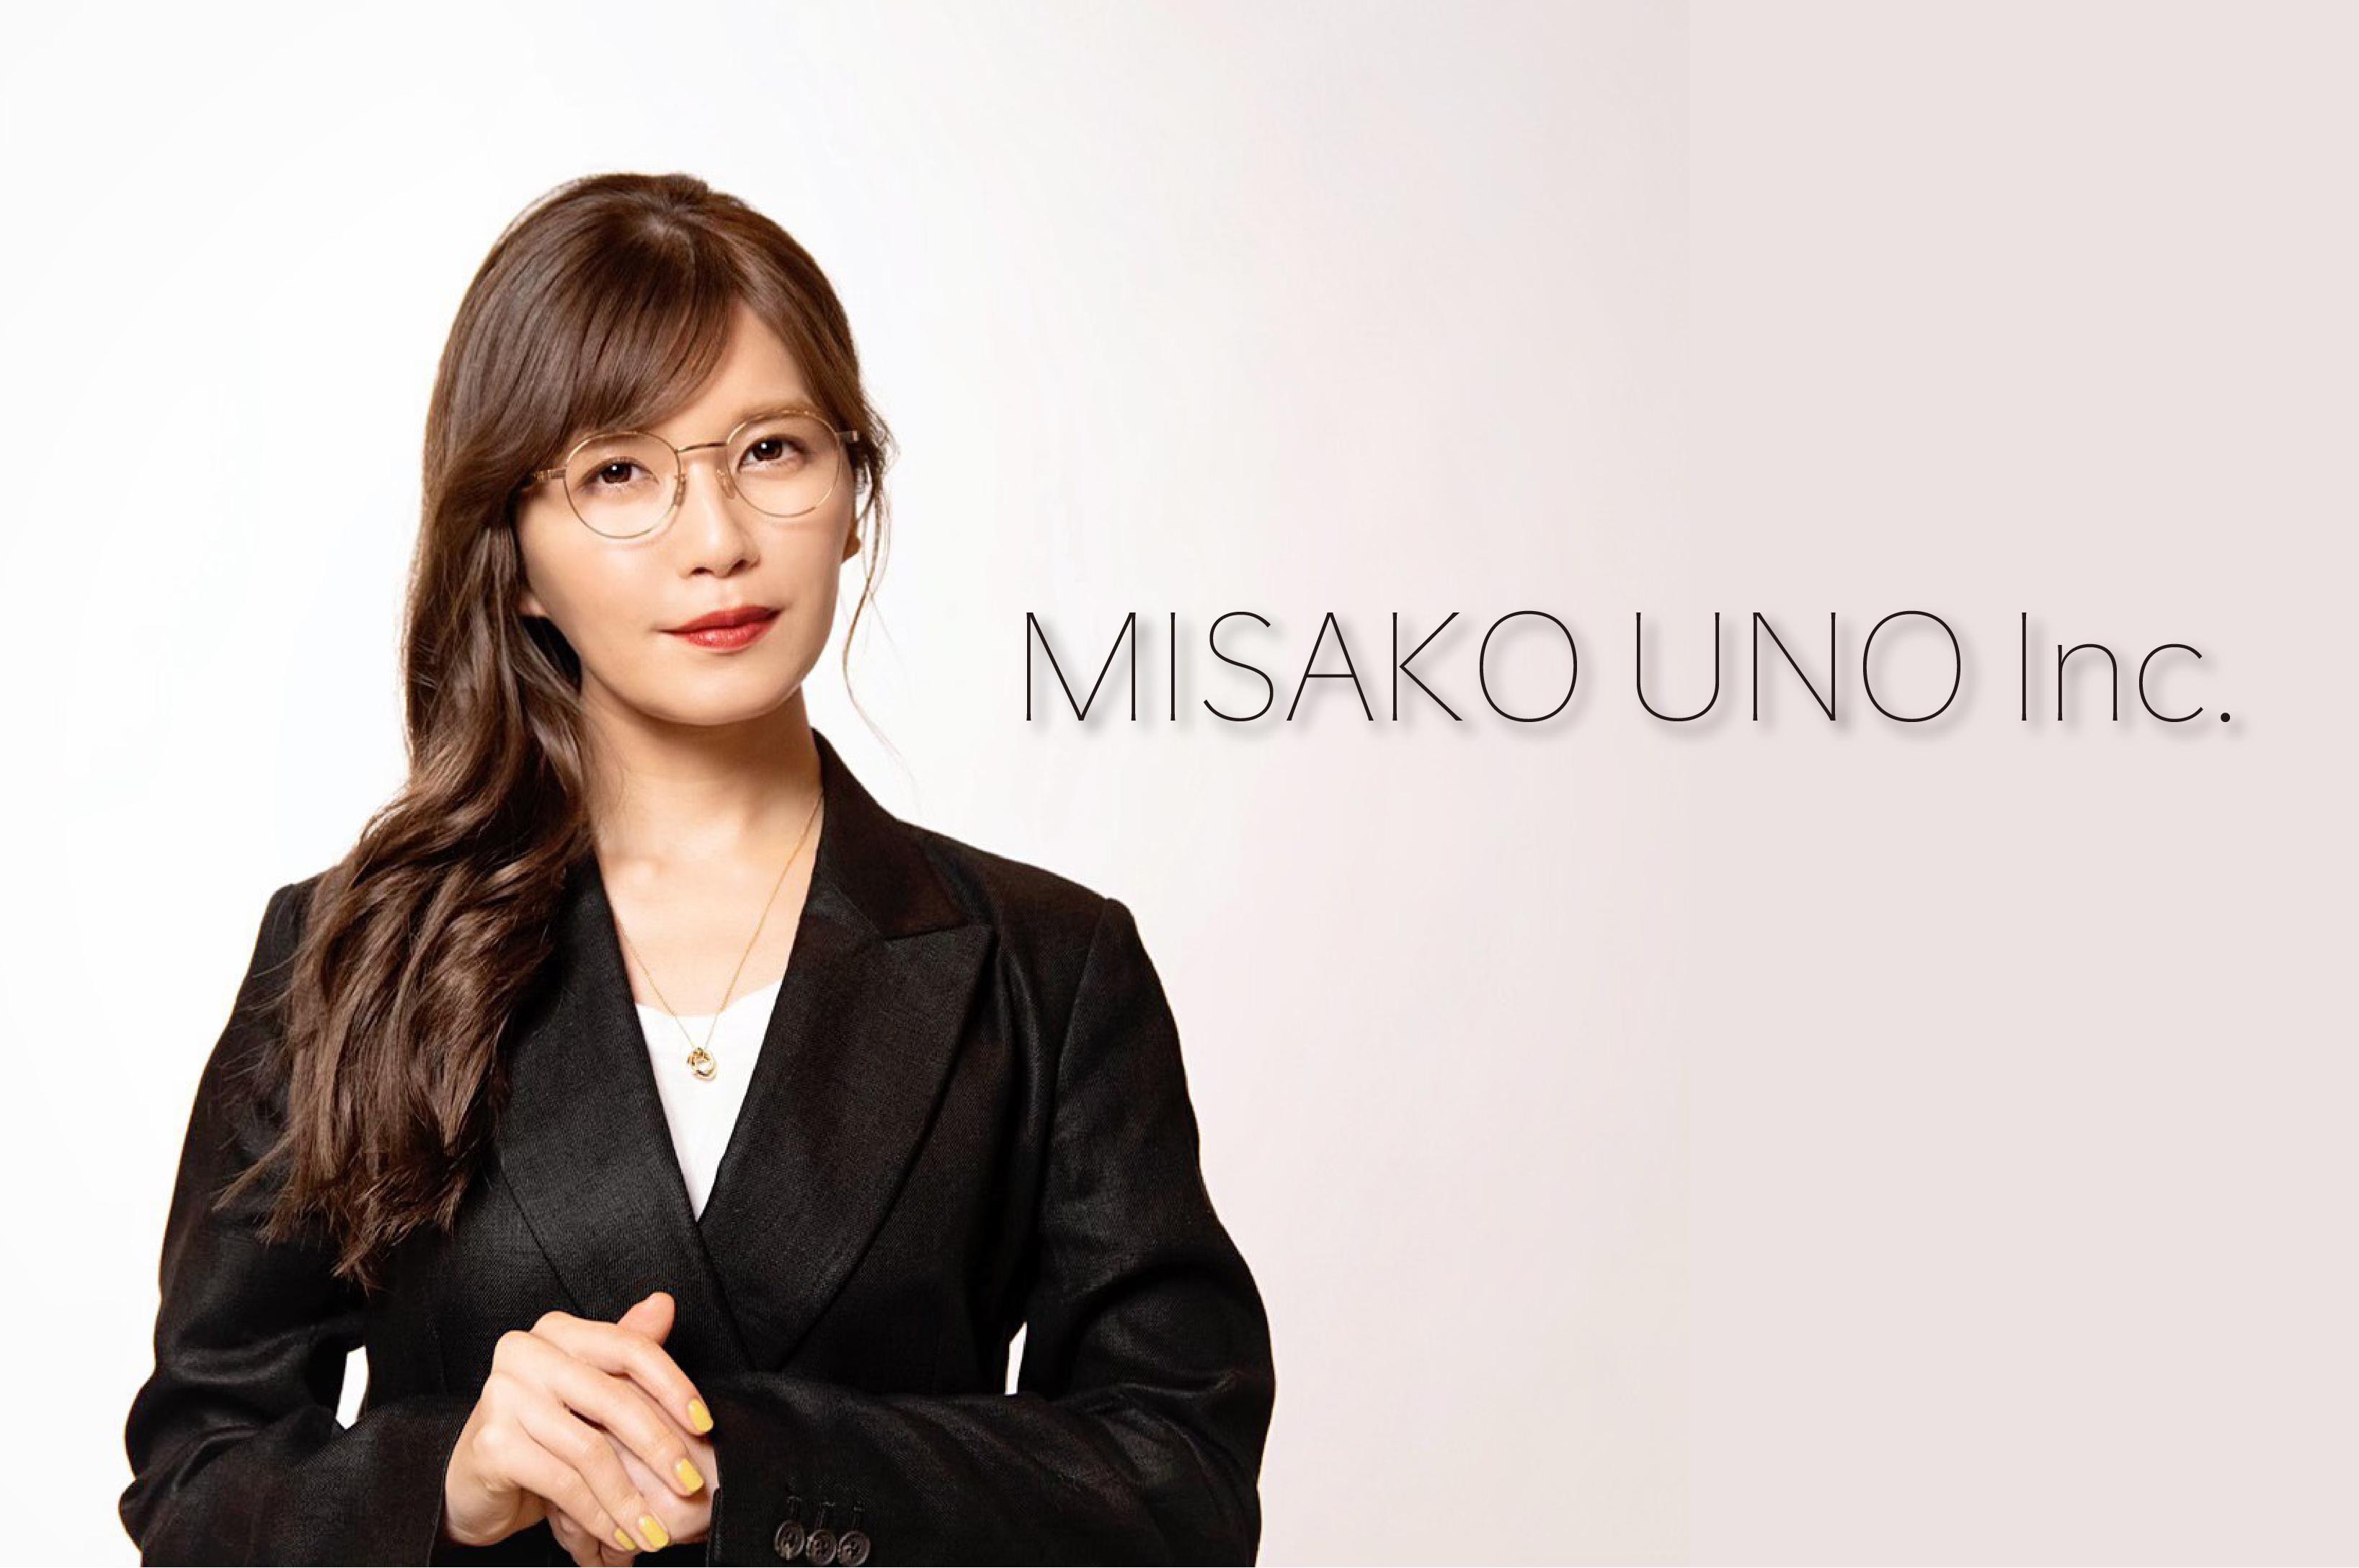 会員制ファンコミュニティアプリ「Fanicon(ファニコン)」にて 宇野実彩子(AAA)の「MISAKO UNO Inc.」開設